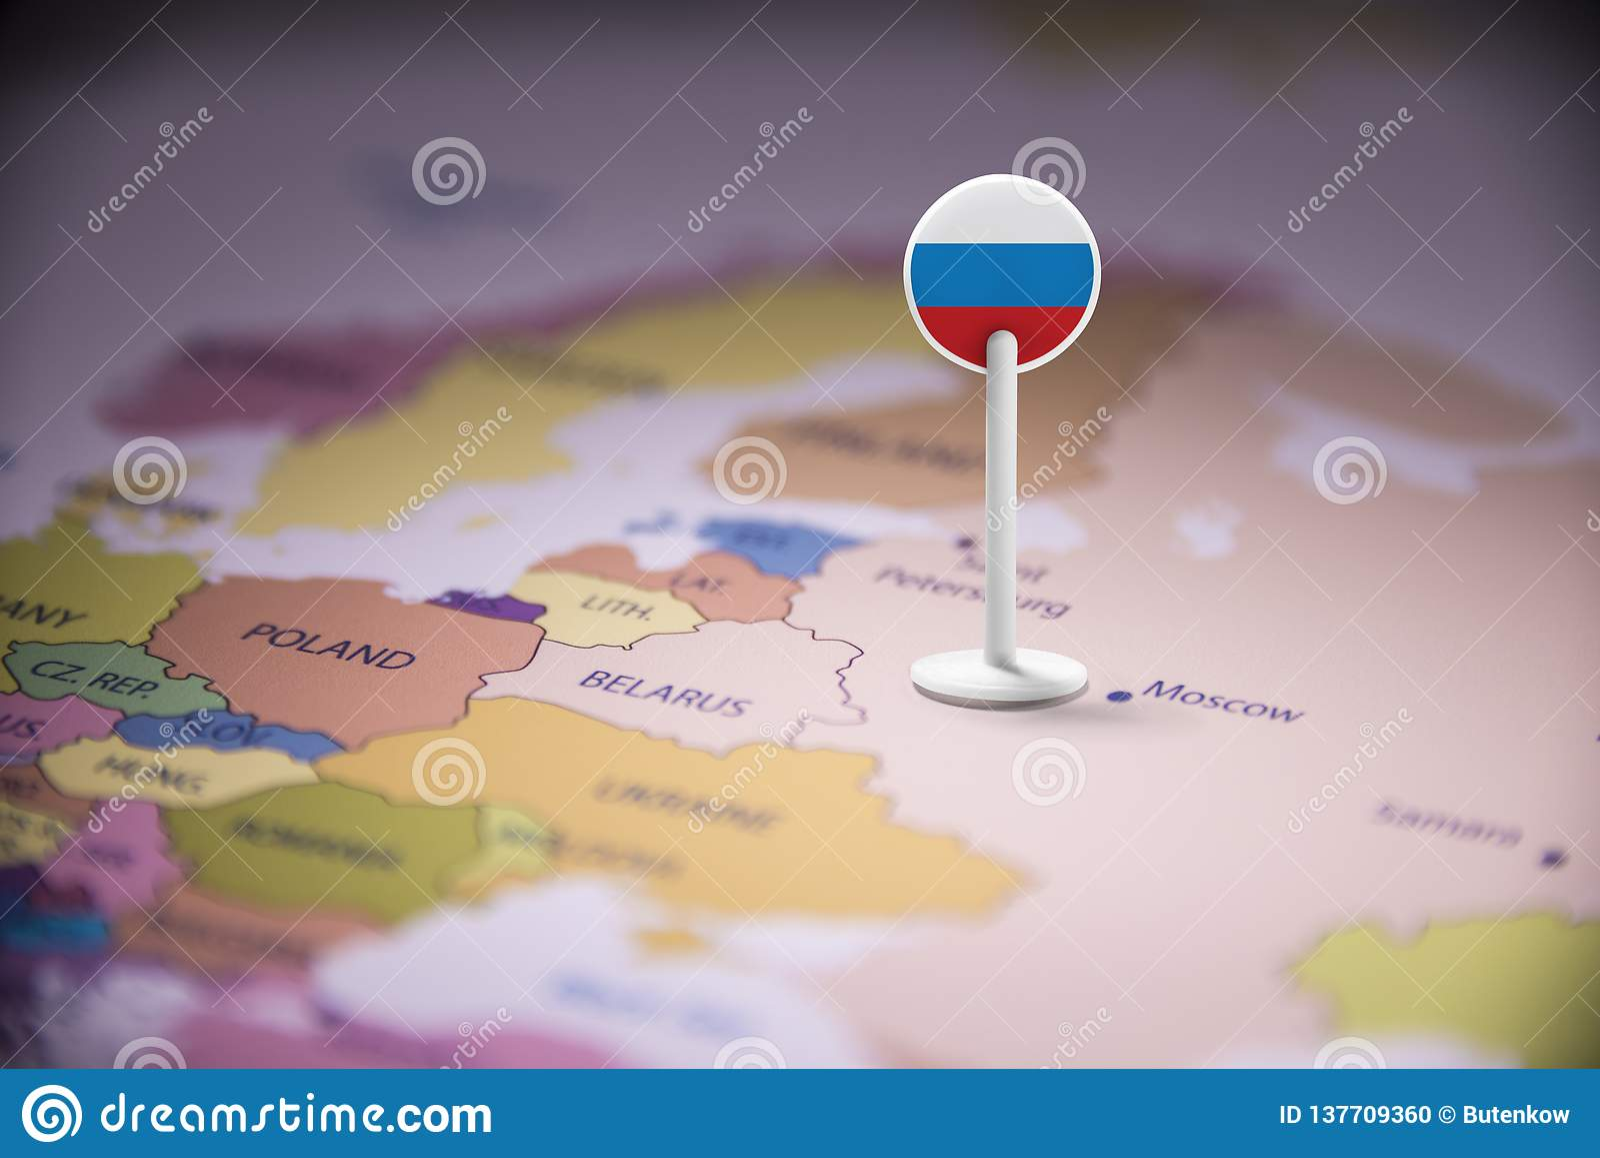 Rússia identificou por meio de uma bandeira no mapa